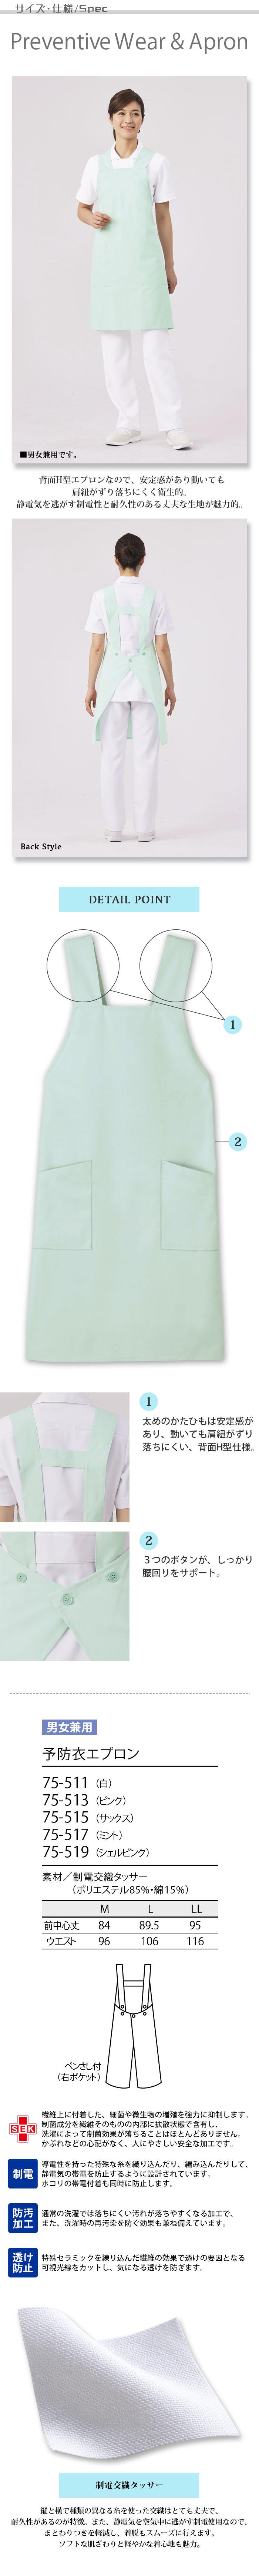 予防衣 商品詳細画像